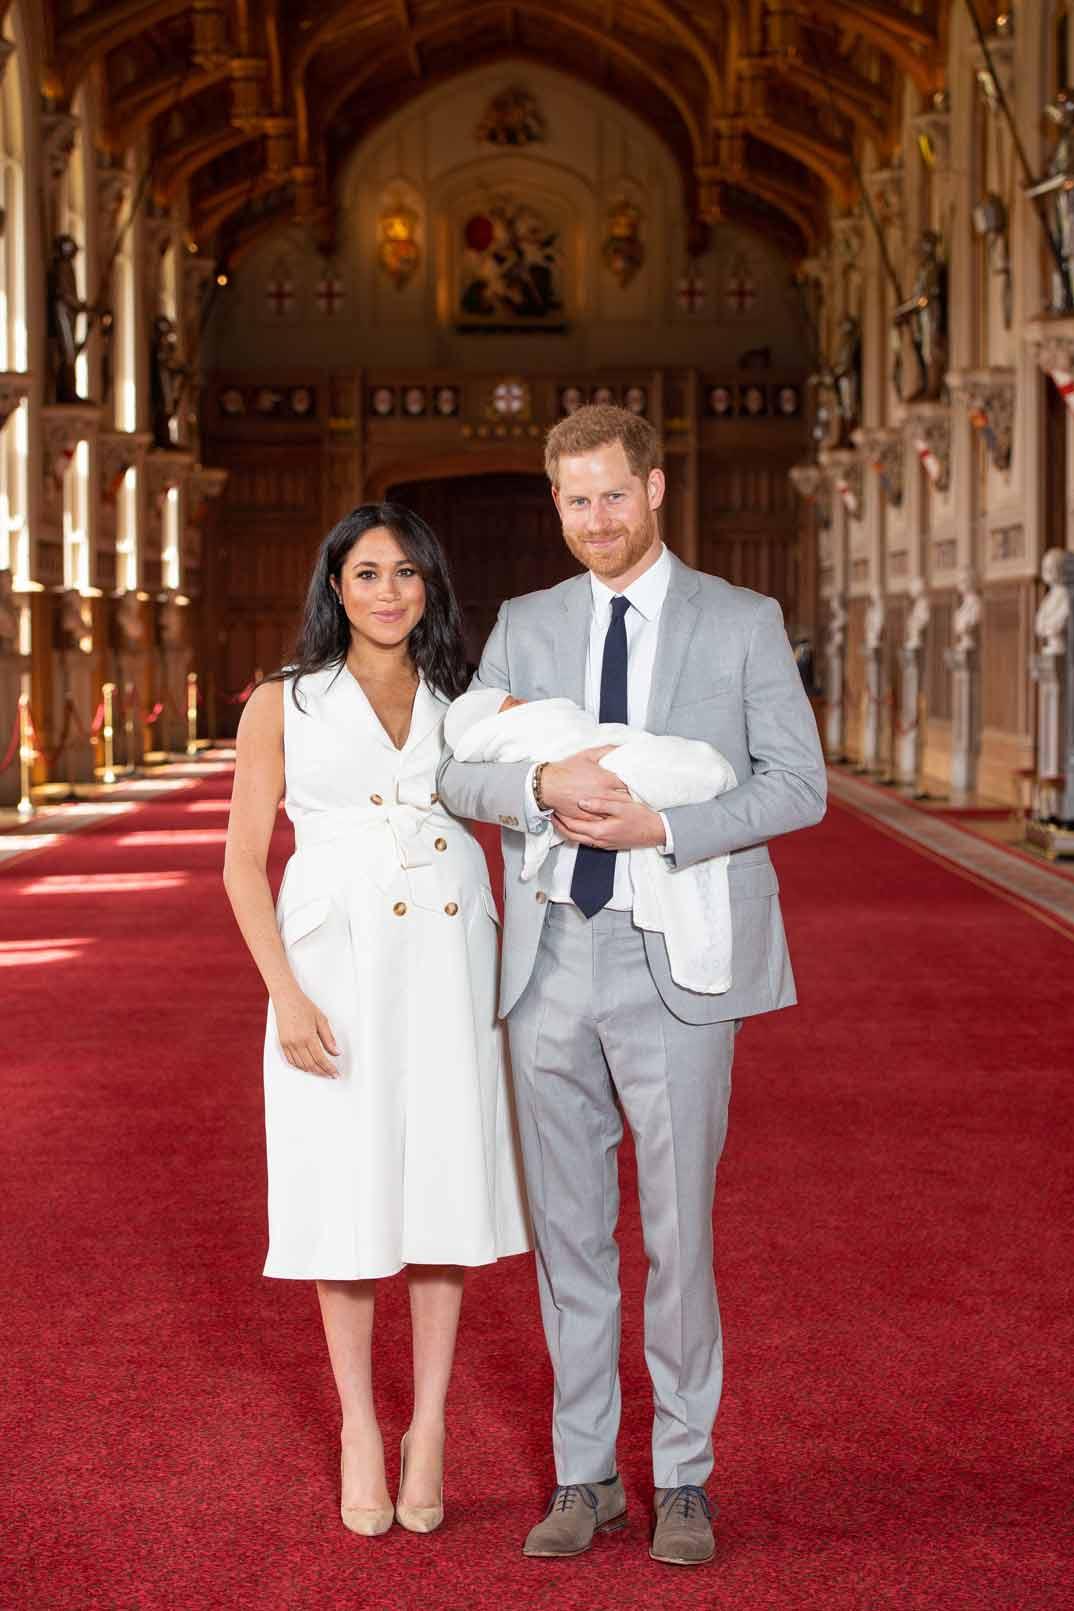 Duques de Sussex presentan a su primer hijo